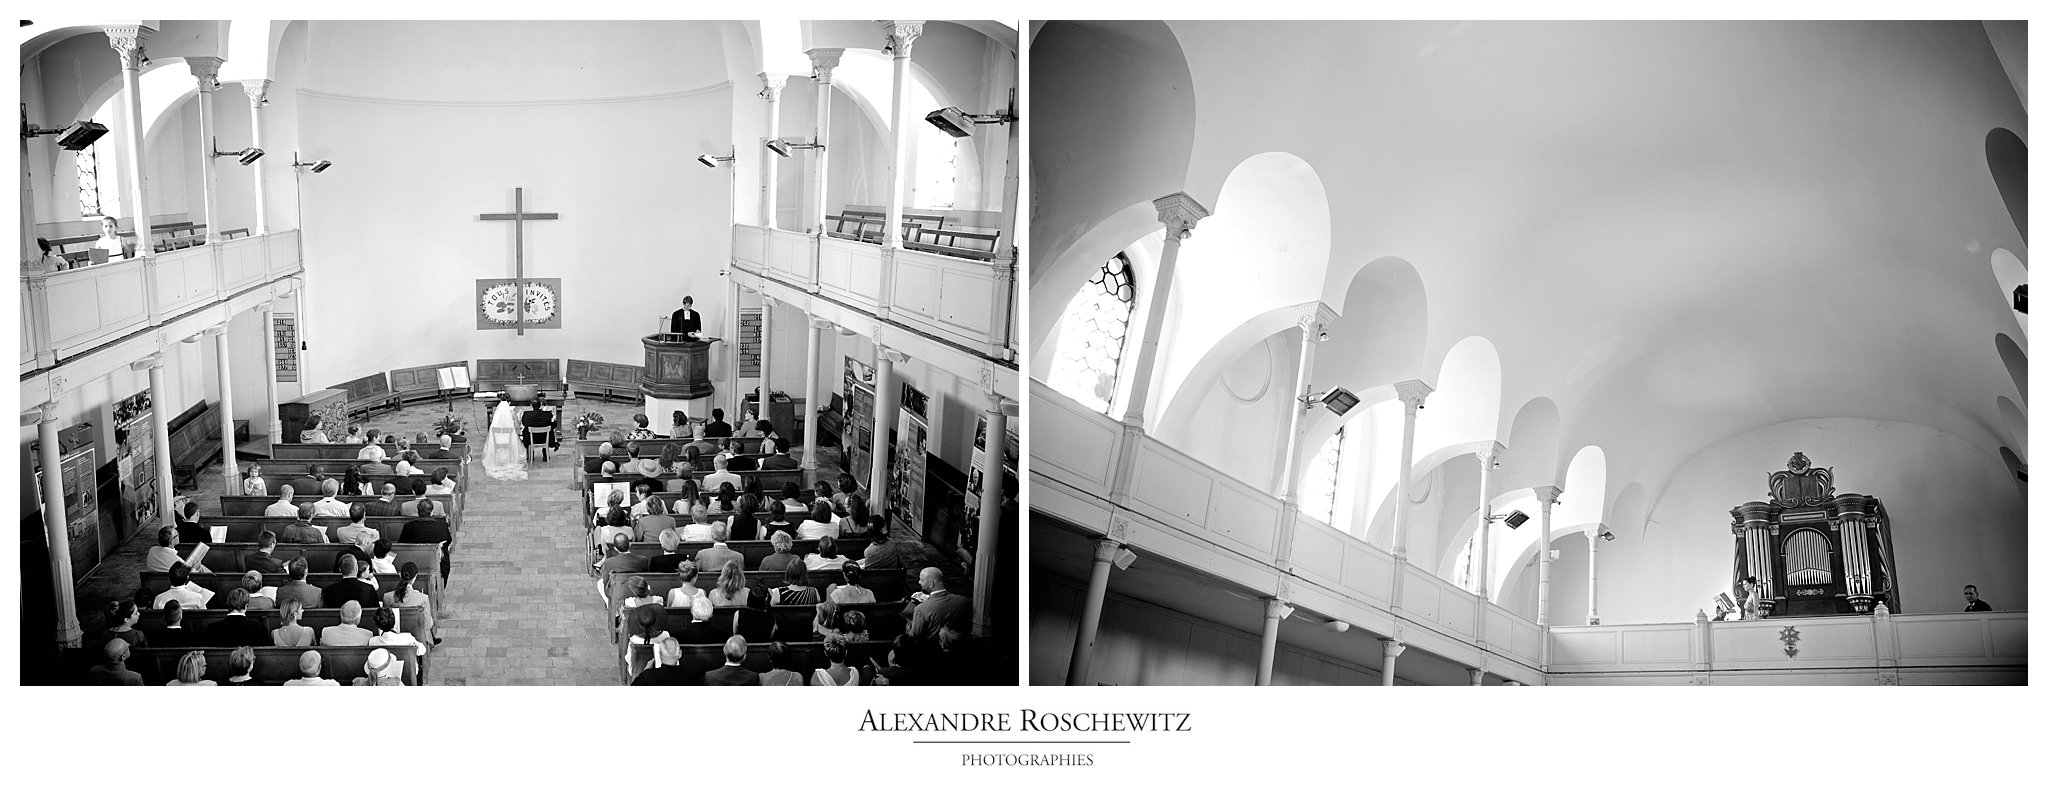 Voici un petit aperçu du mariage protestant de Magali et Salatiel, il y a 2 semaines, à Sainte-Foy-la-Grande et Lamothe Montravel... Alexandre Roschewitz Photographies